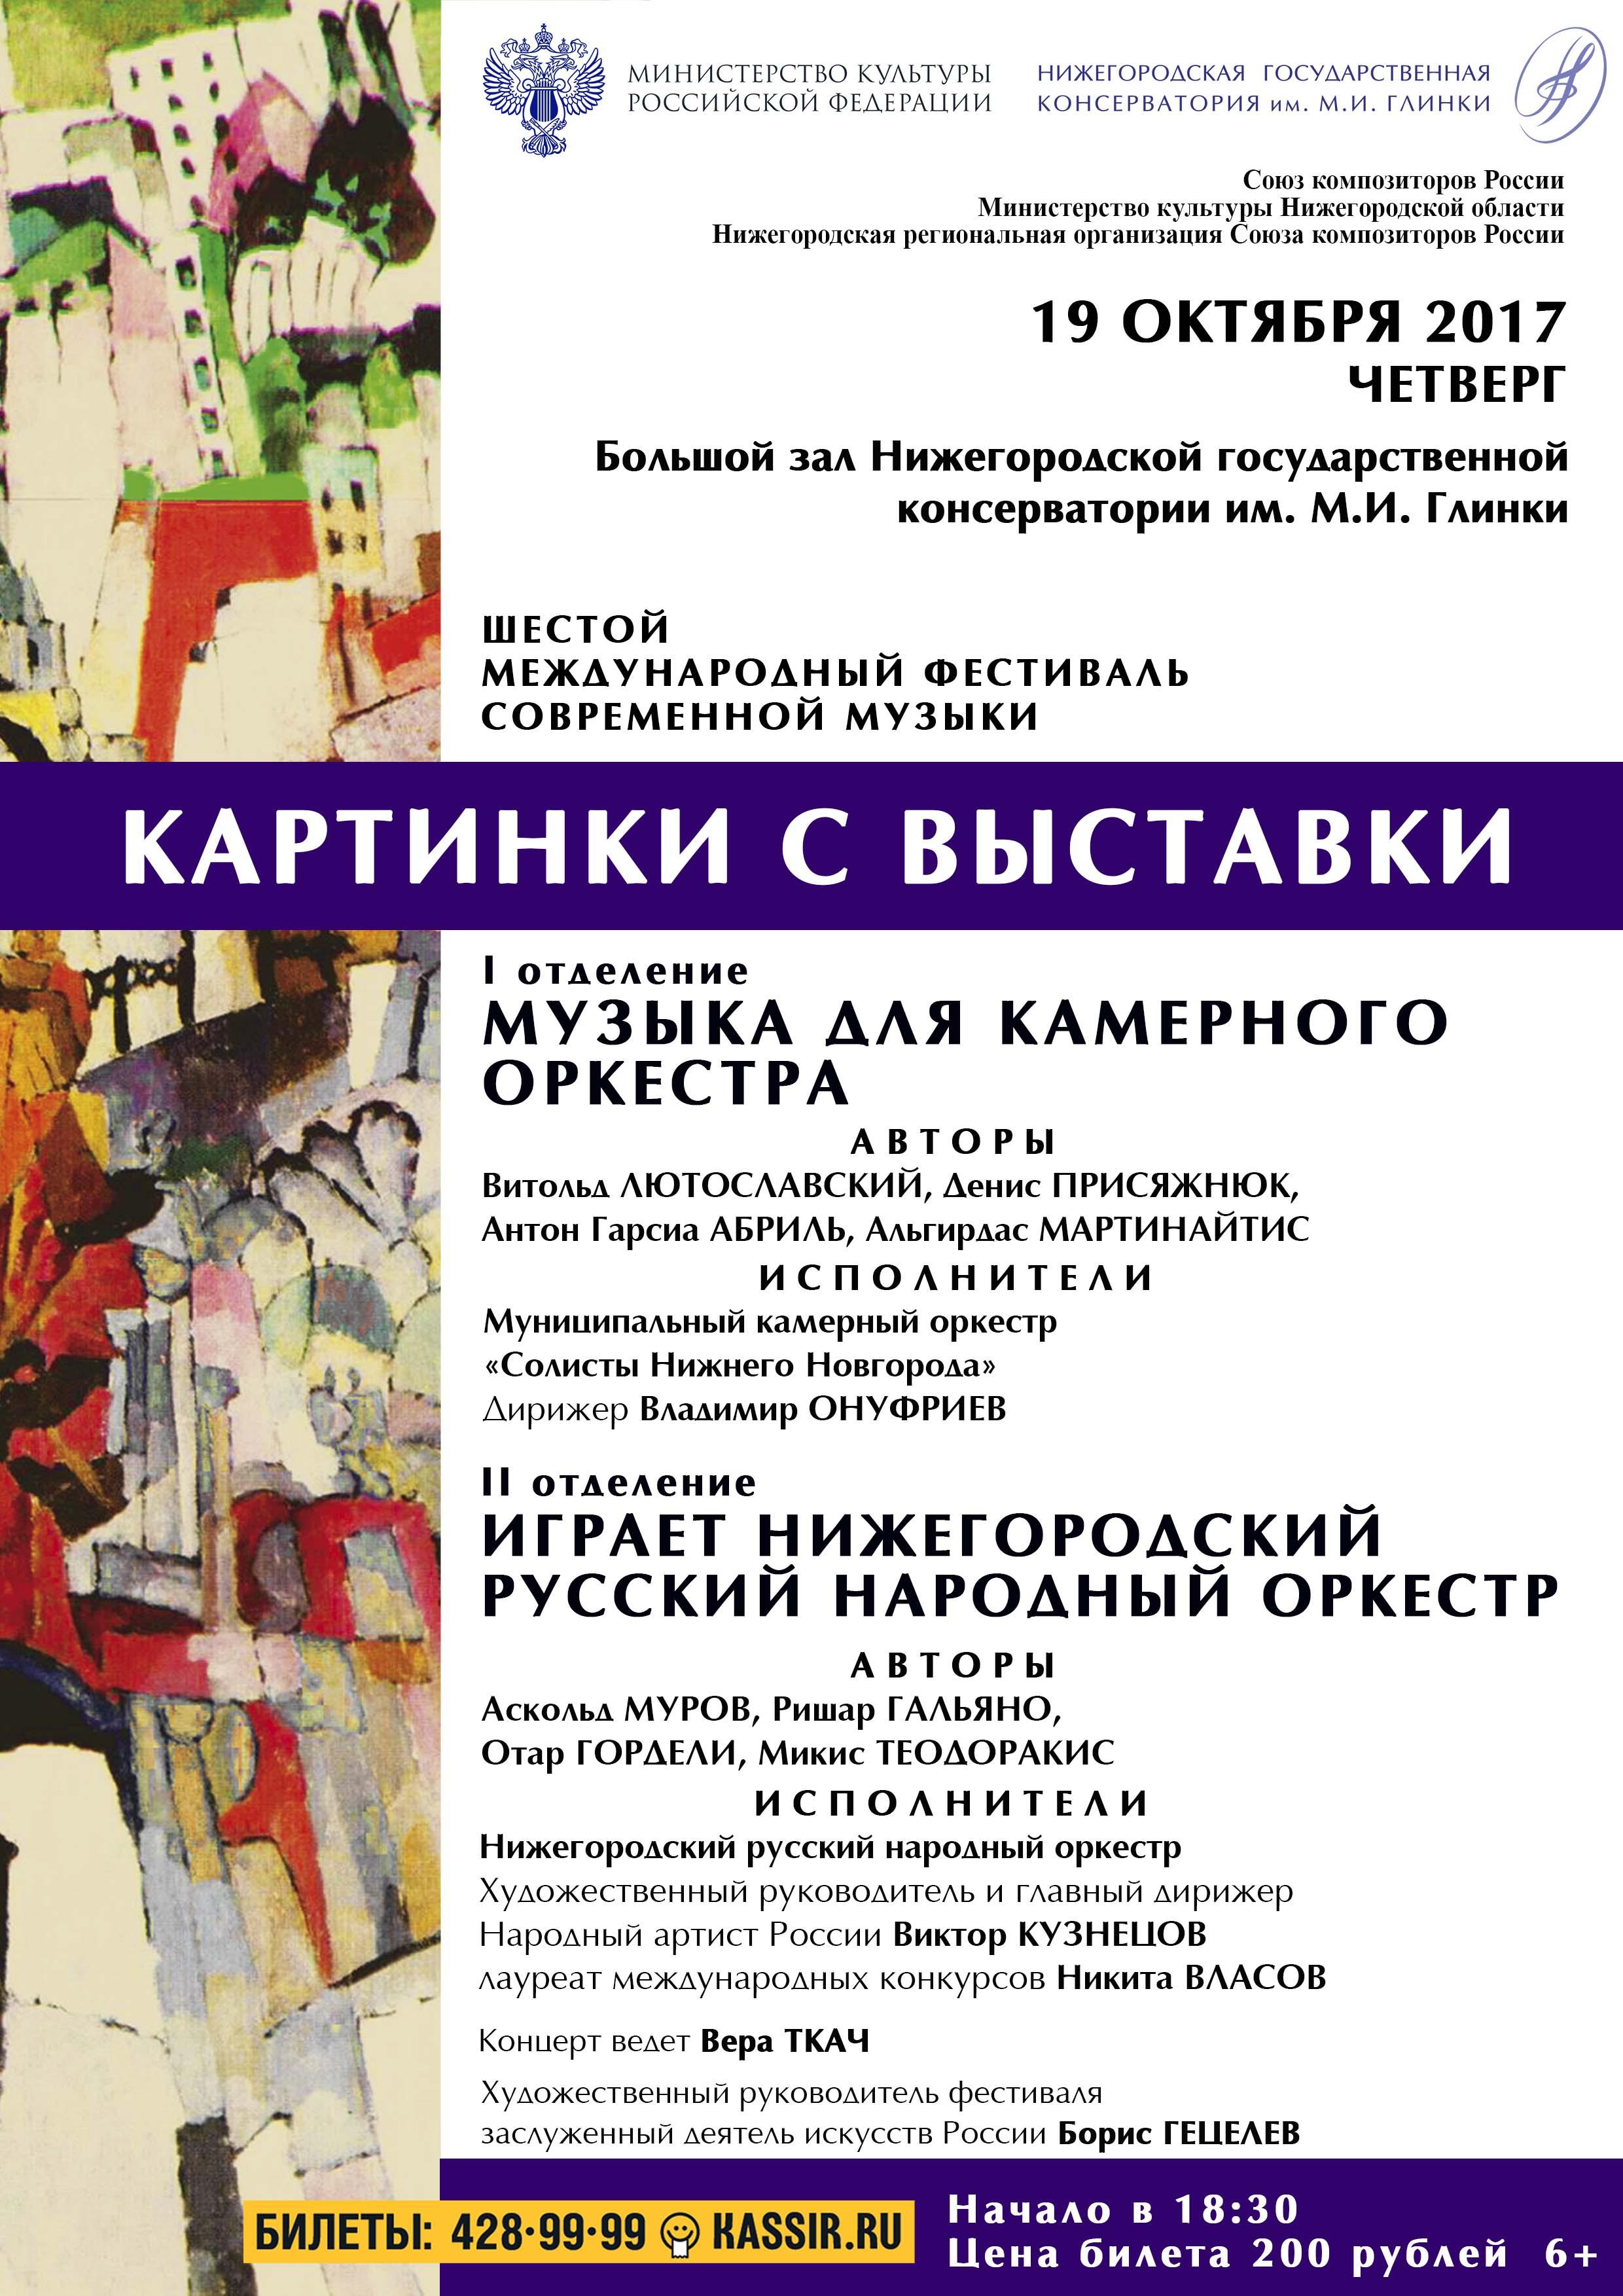 """Закрытие Шестого международного фестиваля современной музыки """"Картинки с выставки"""""""